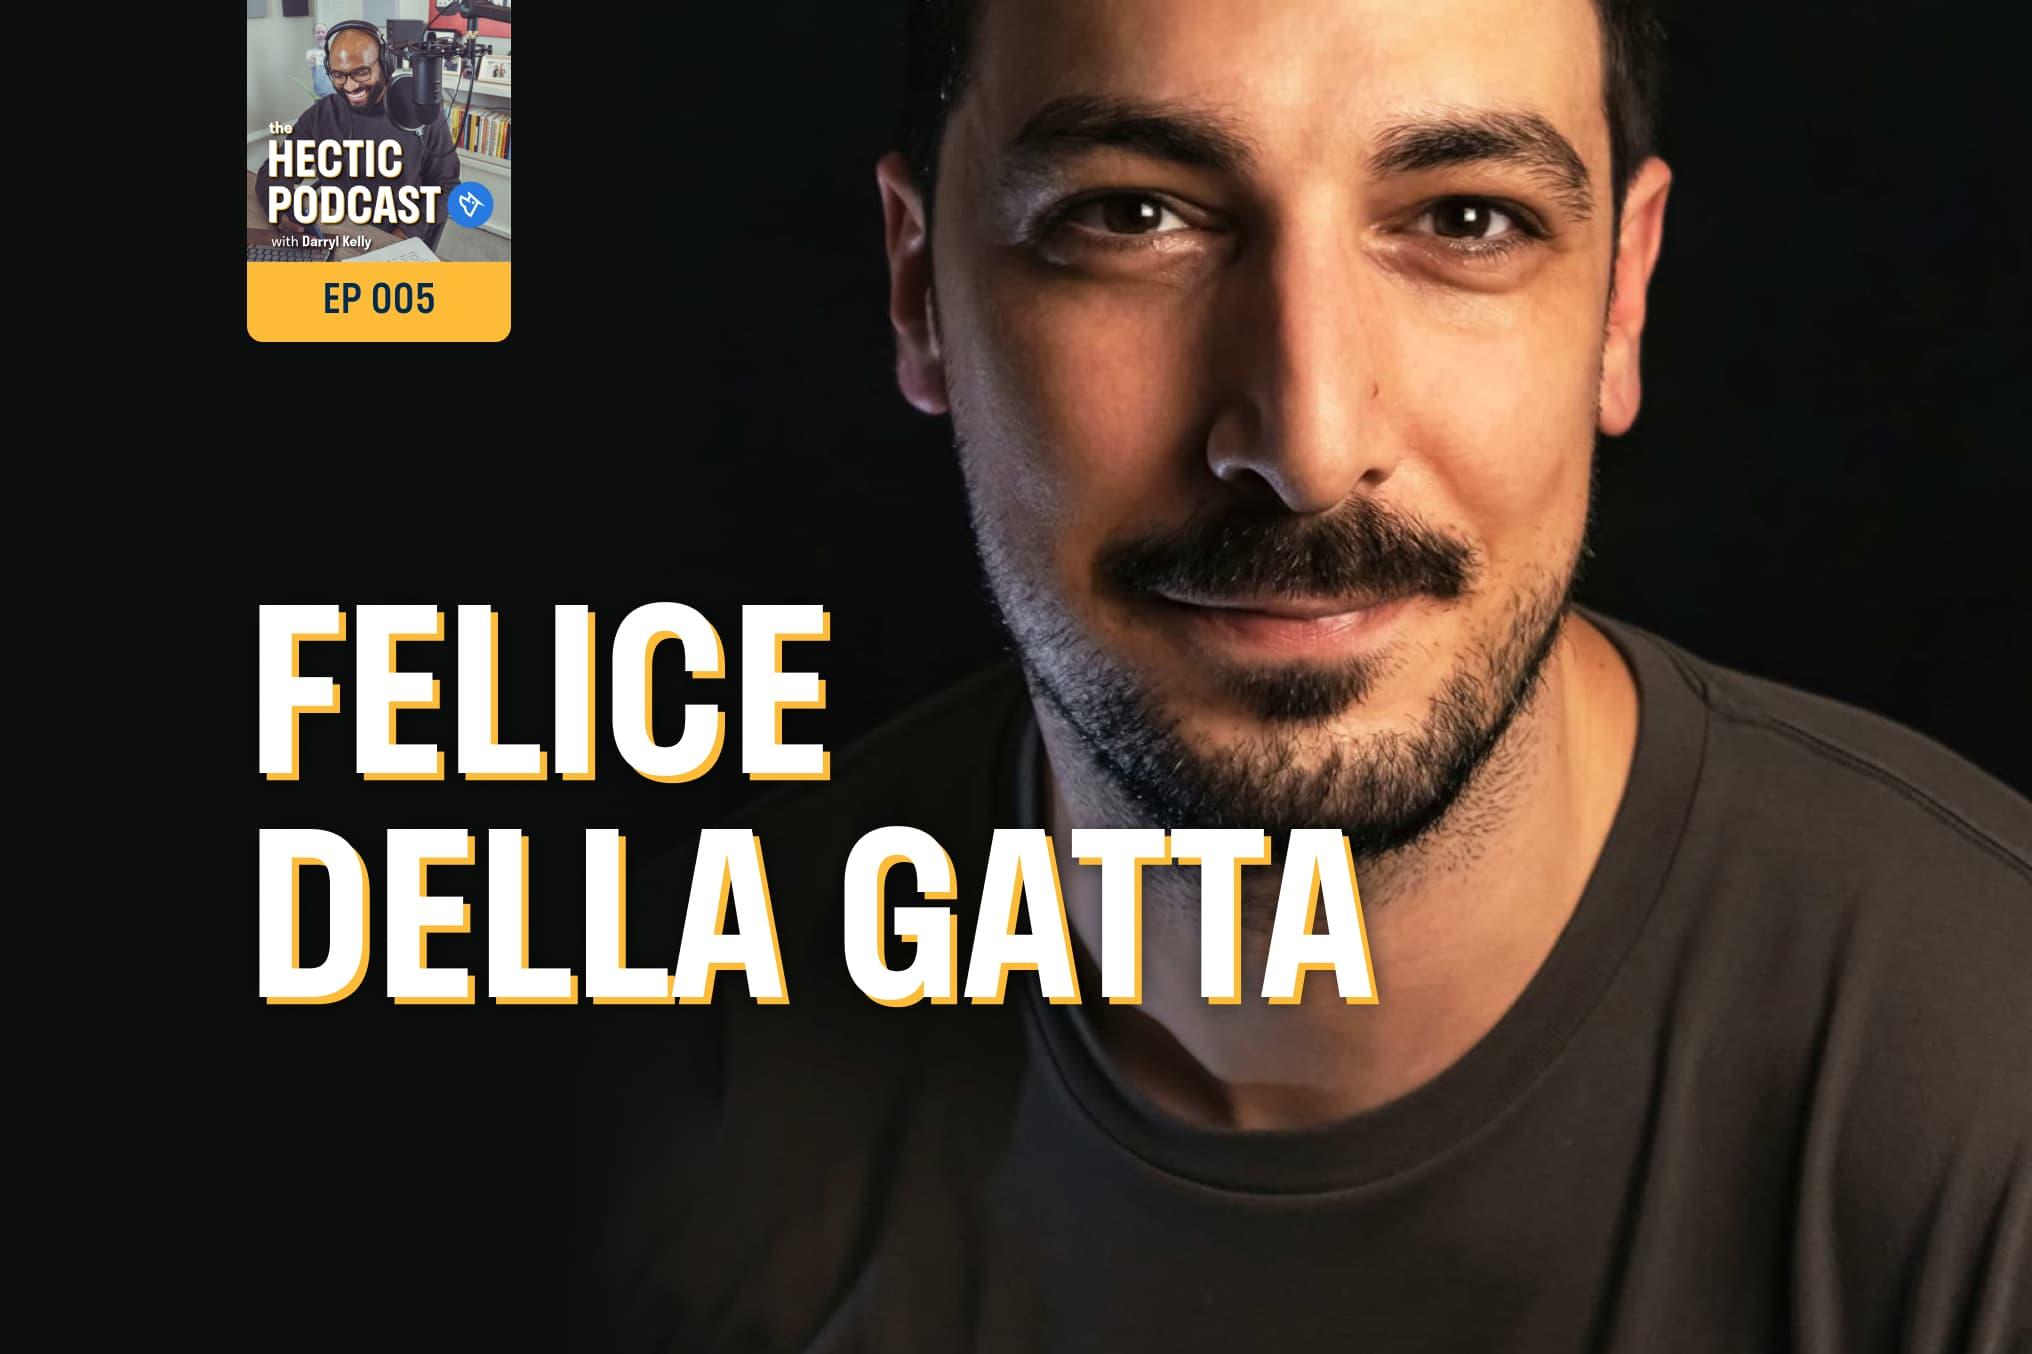 The Hectic Podcast with Felice Della Gatta: Move your feet